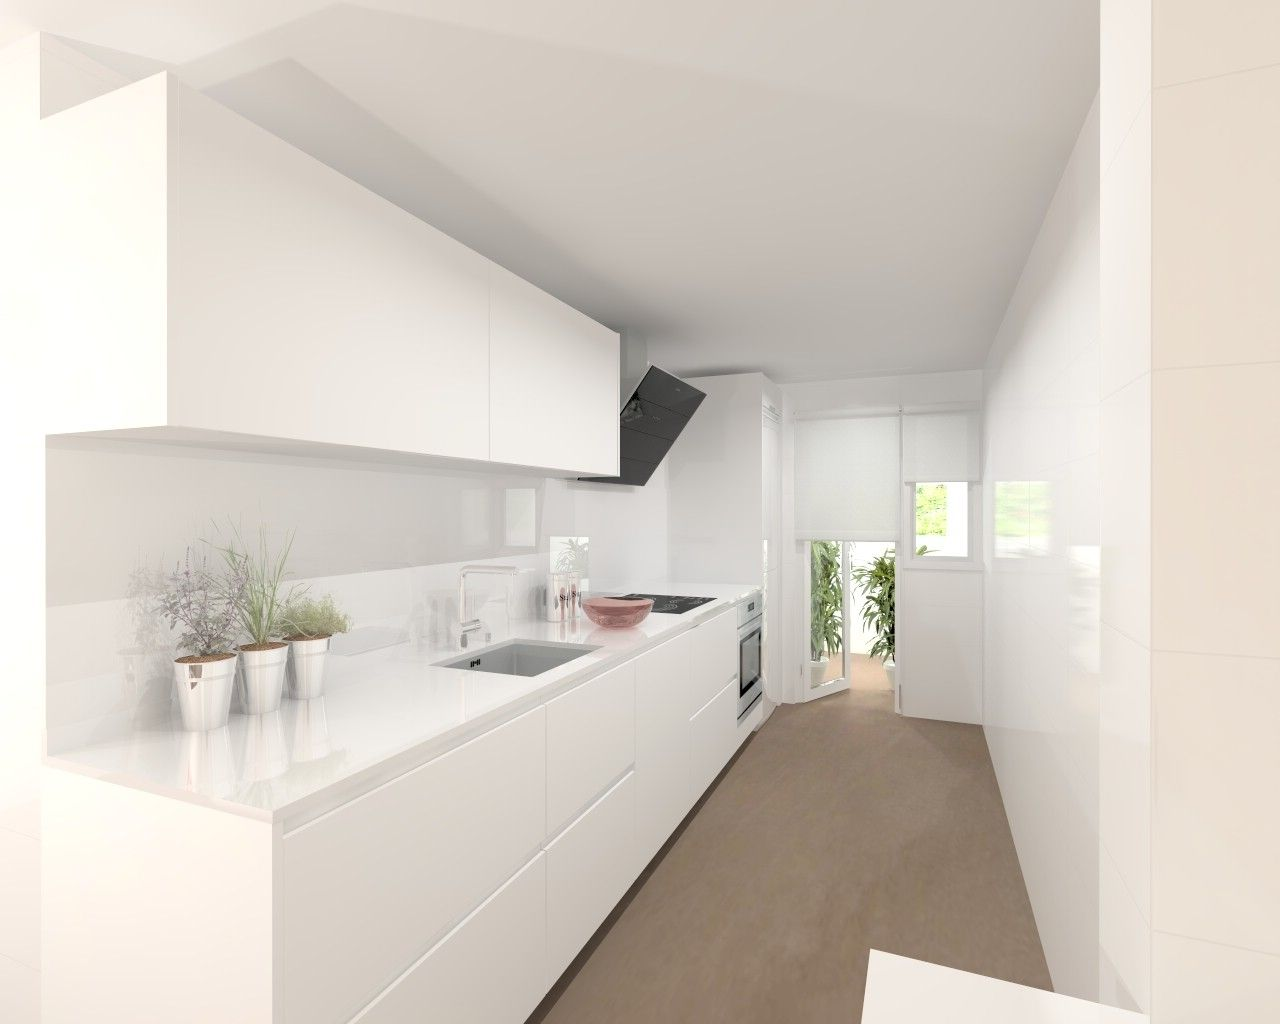 Modelo line estratificado blanco encimera silestone blanco cocinas en 2019 pinterest - Encimeras cocinas blancas ...